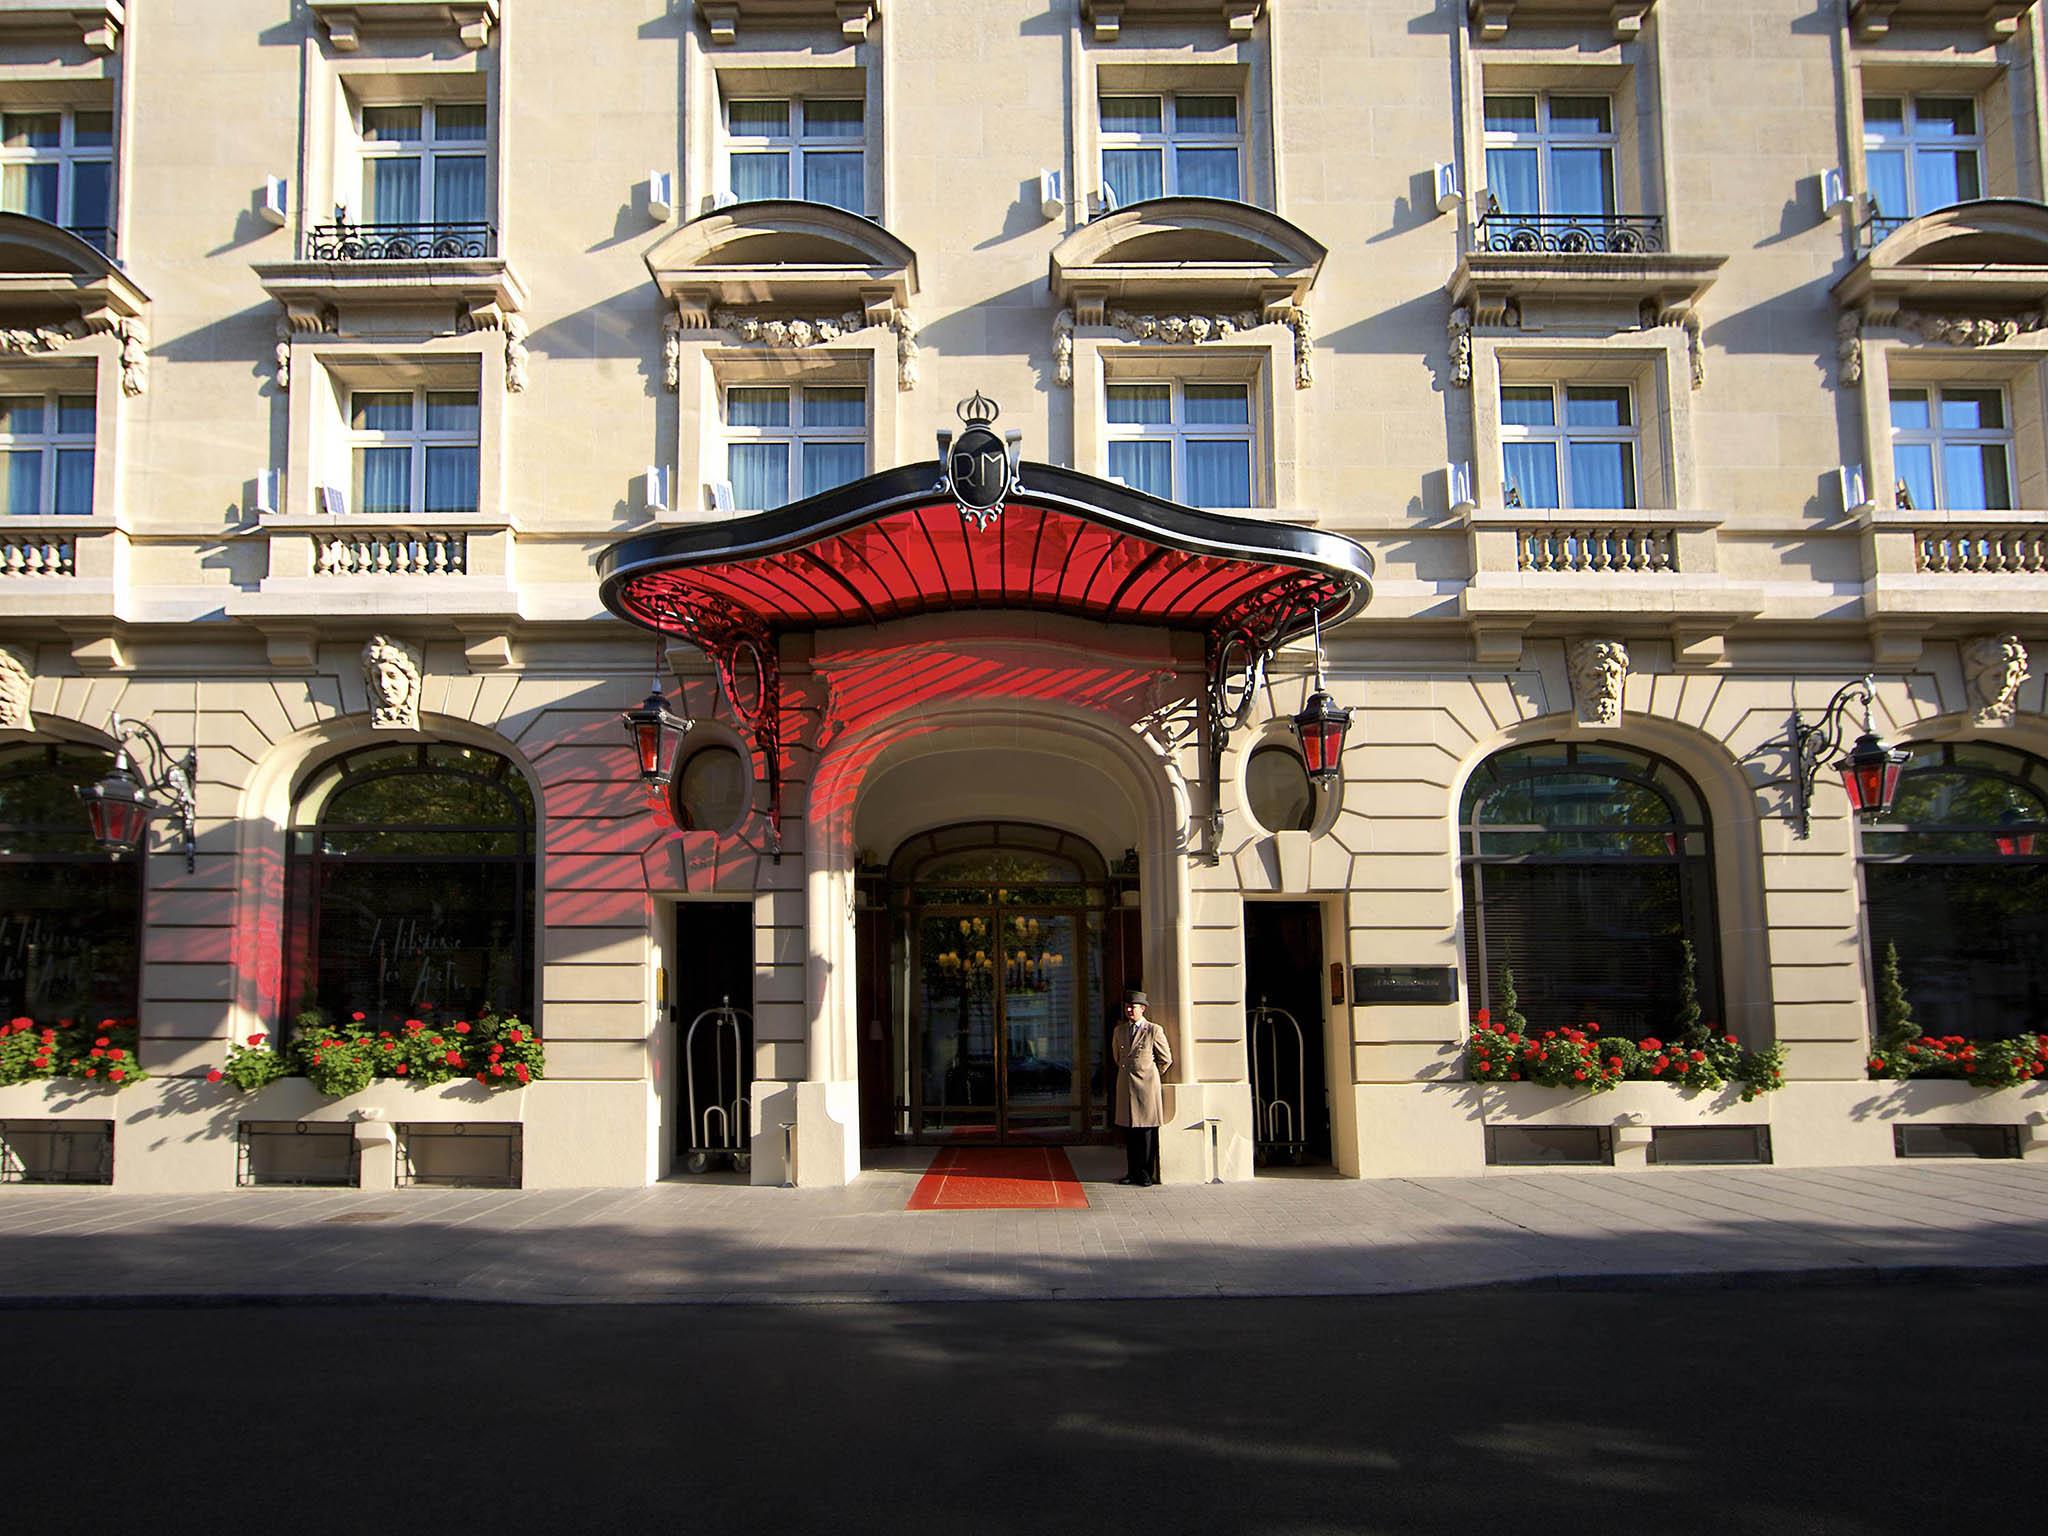 Hotel - Le Royal Monceau - Raffles Paris